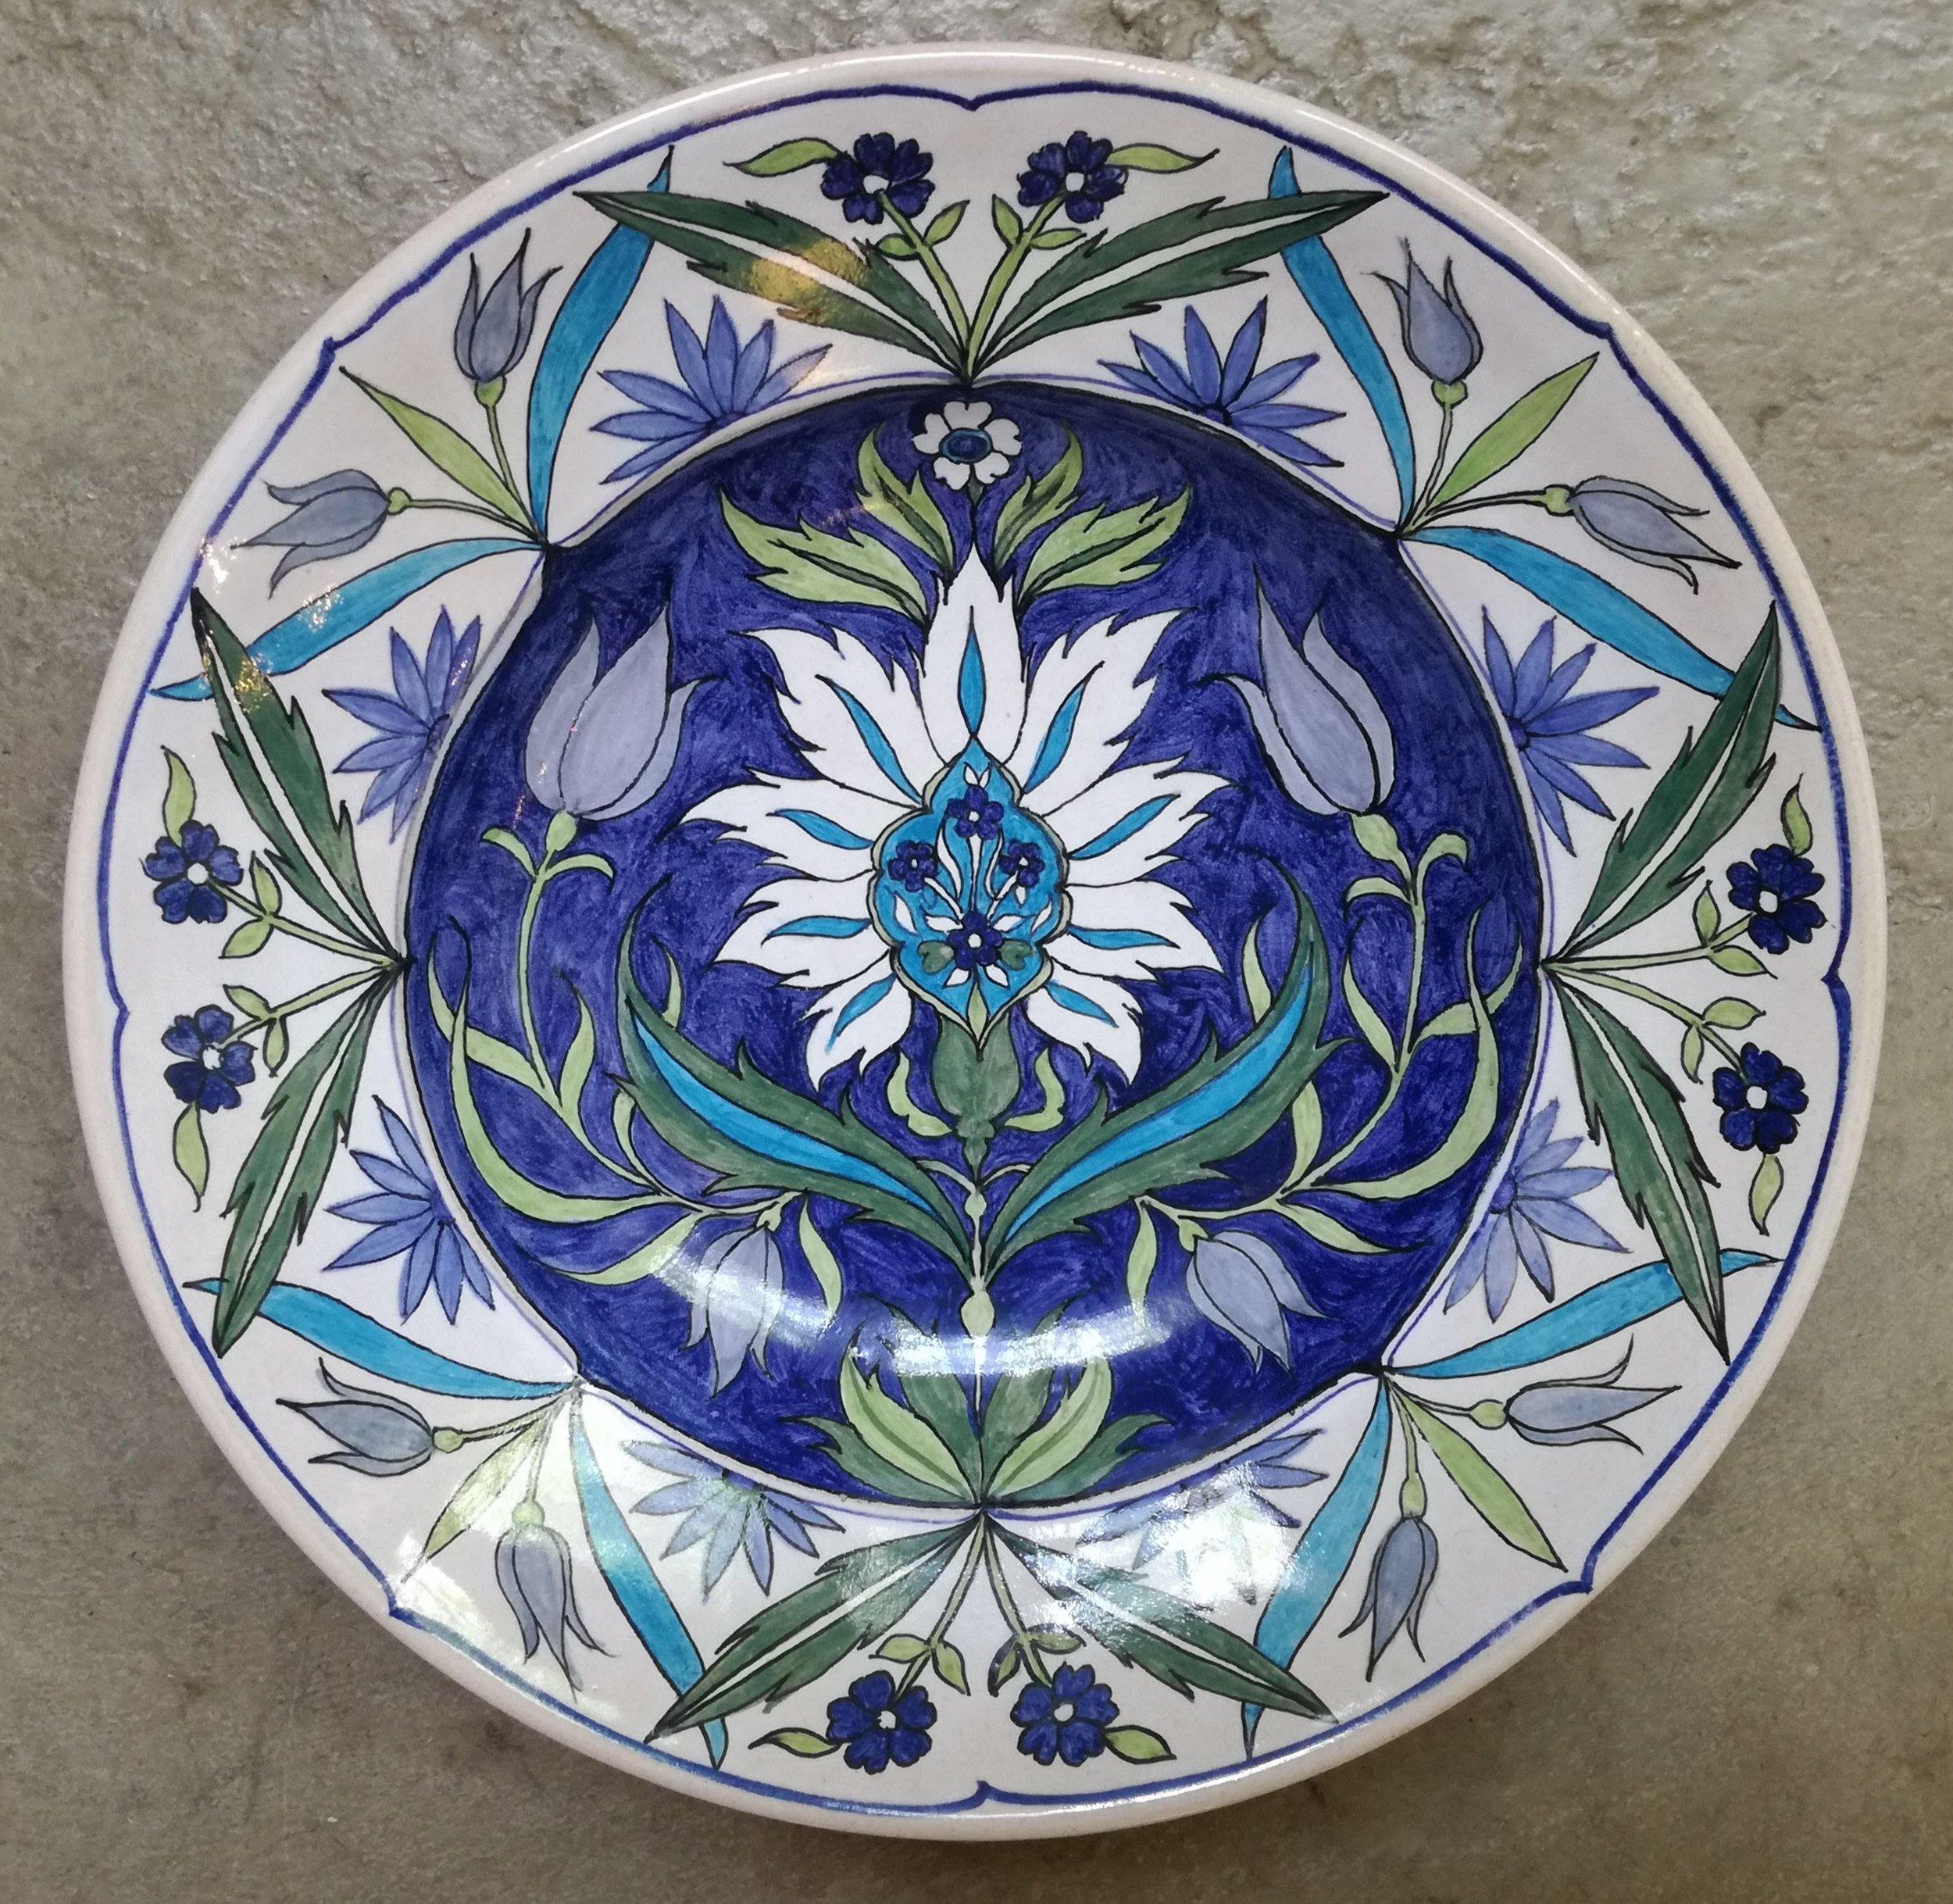 Maiolica Bowls - Perhave